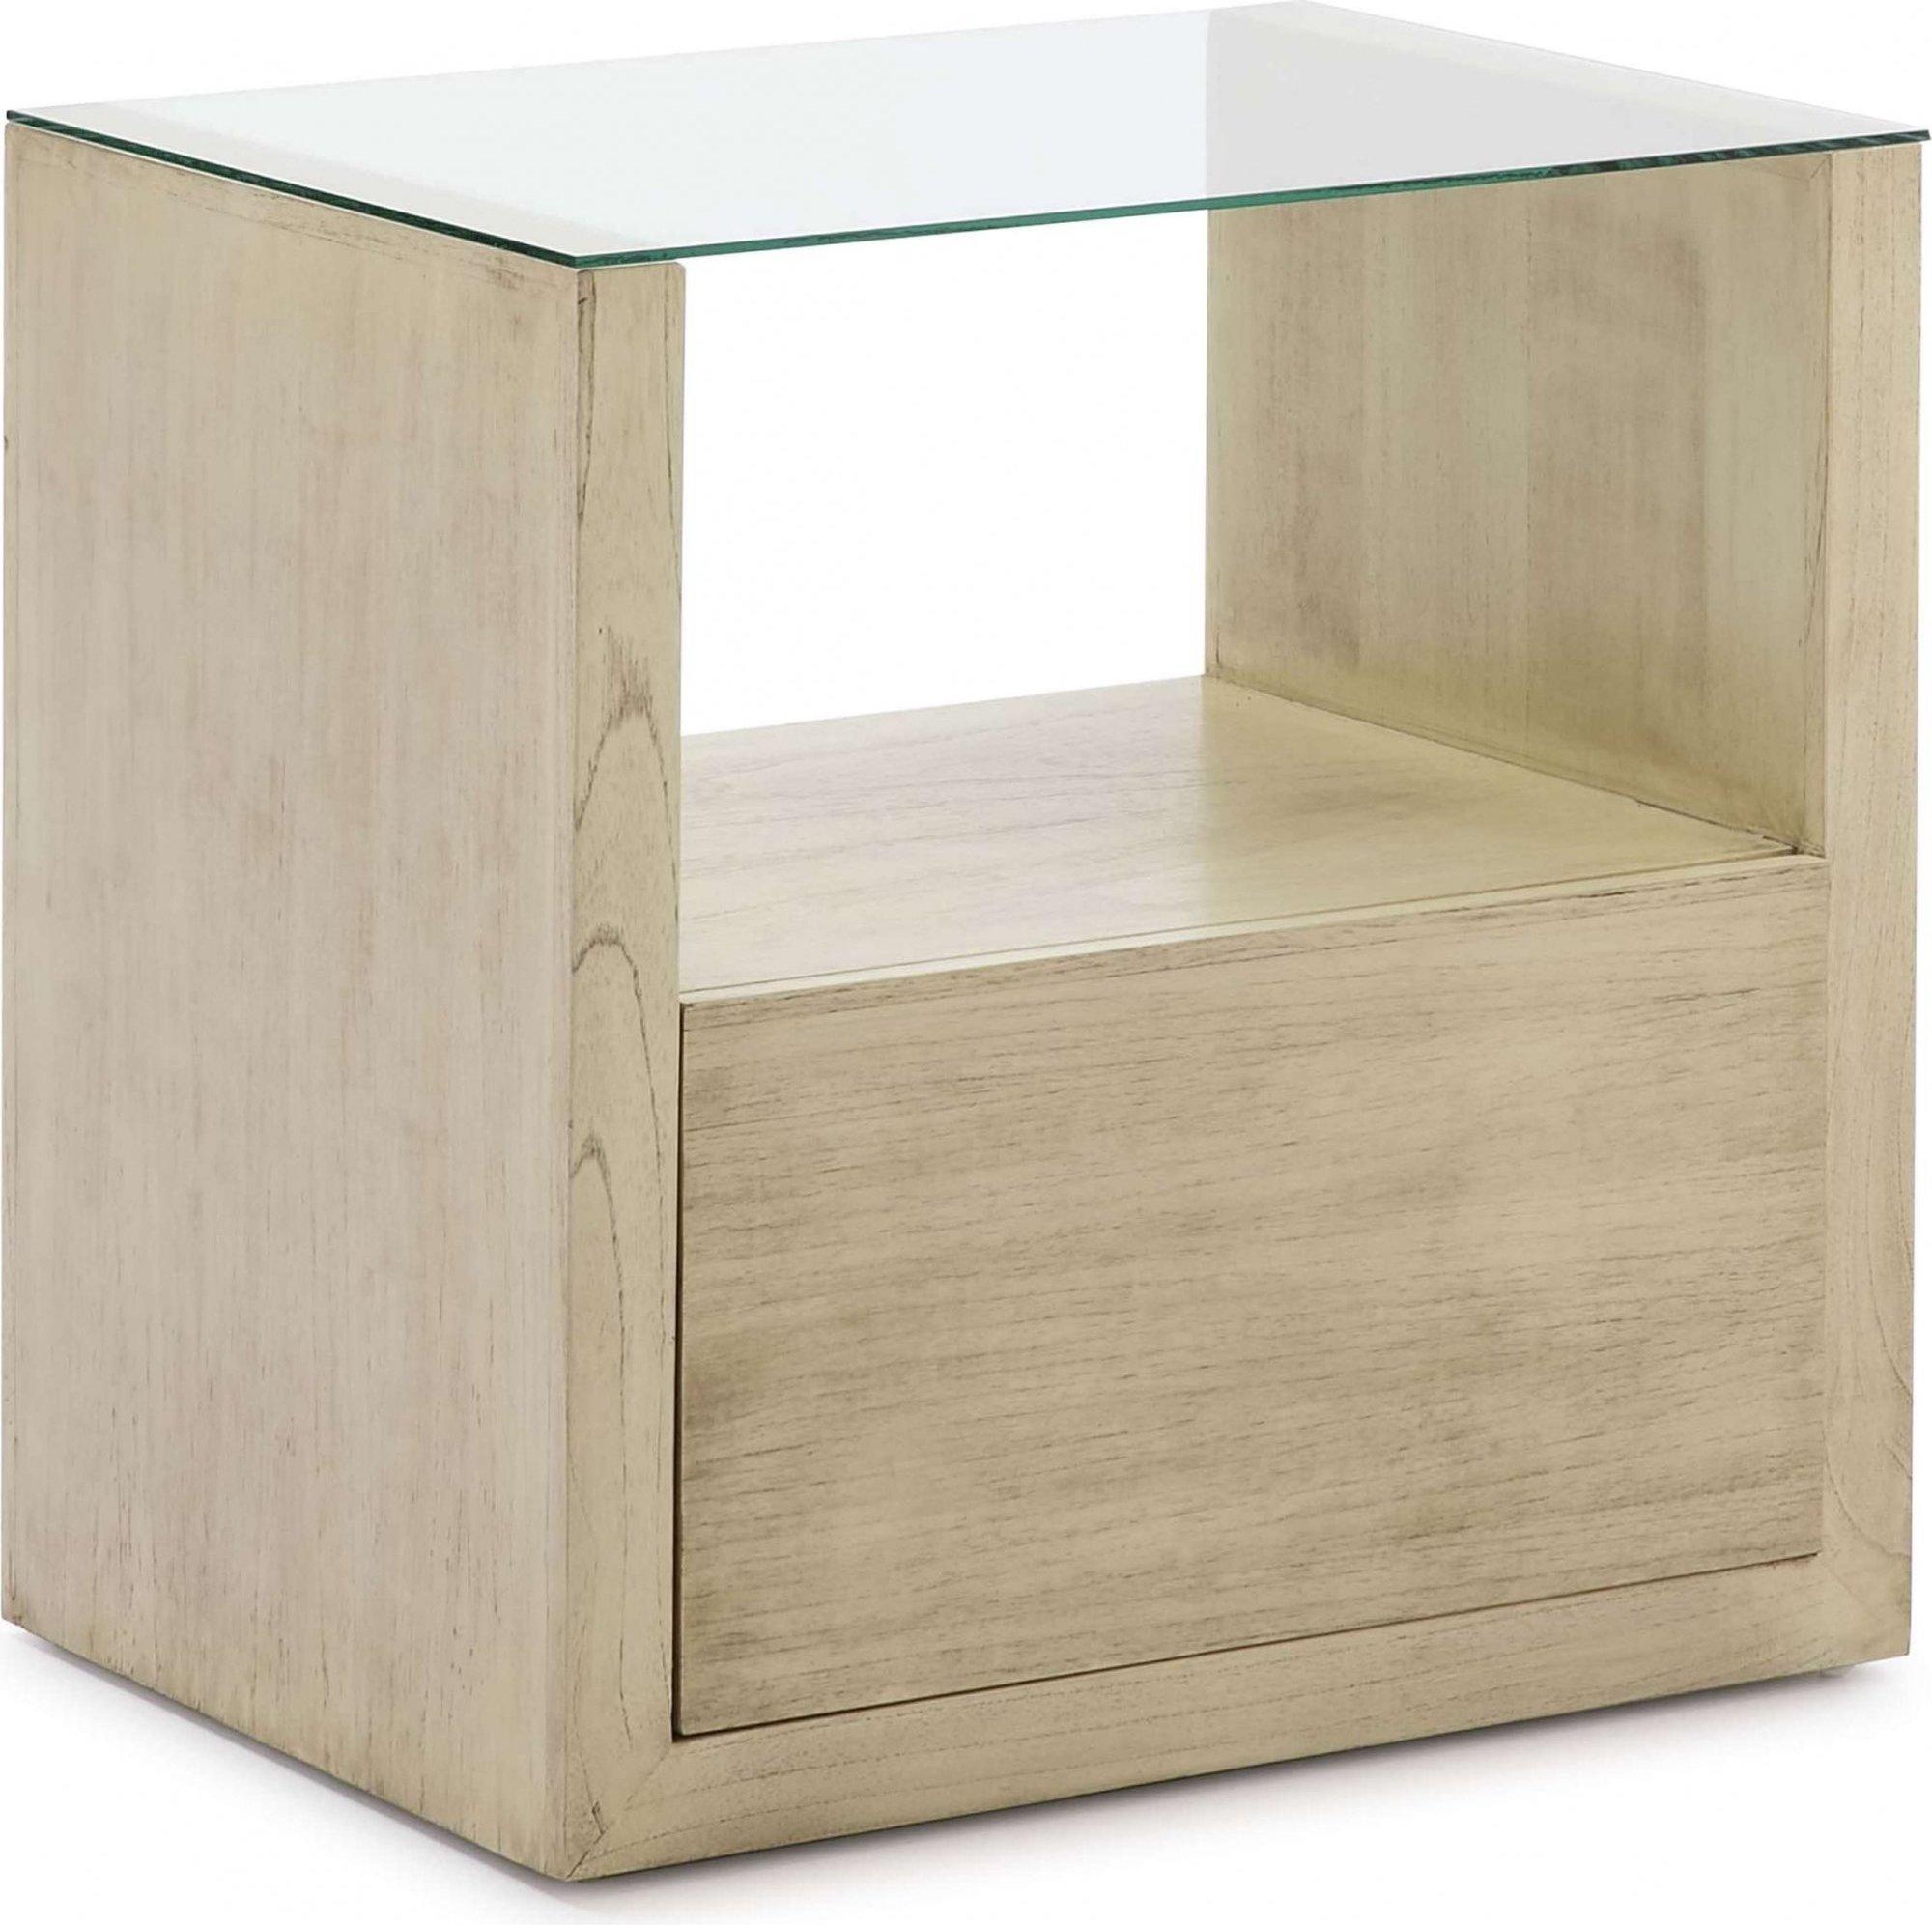 Table de chevet en bois naturel clair plateau en verre